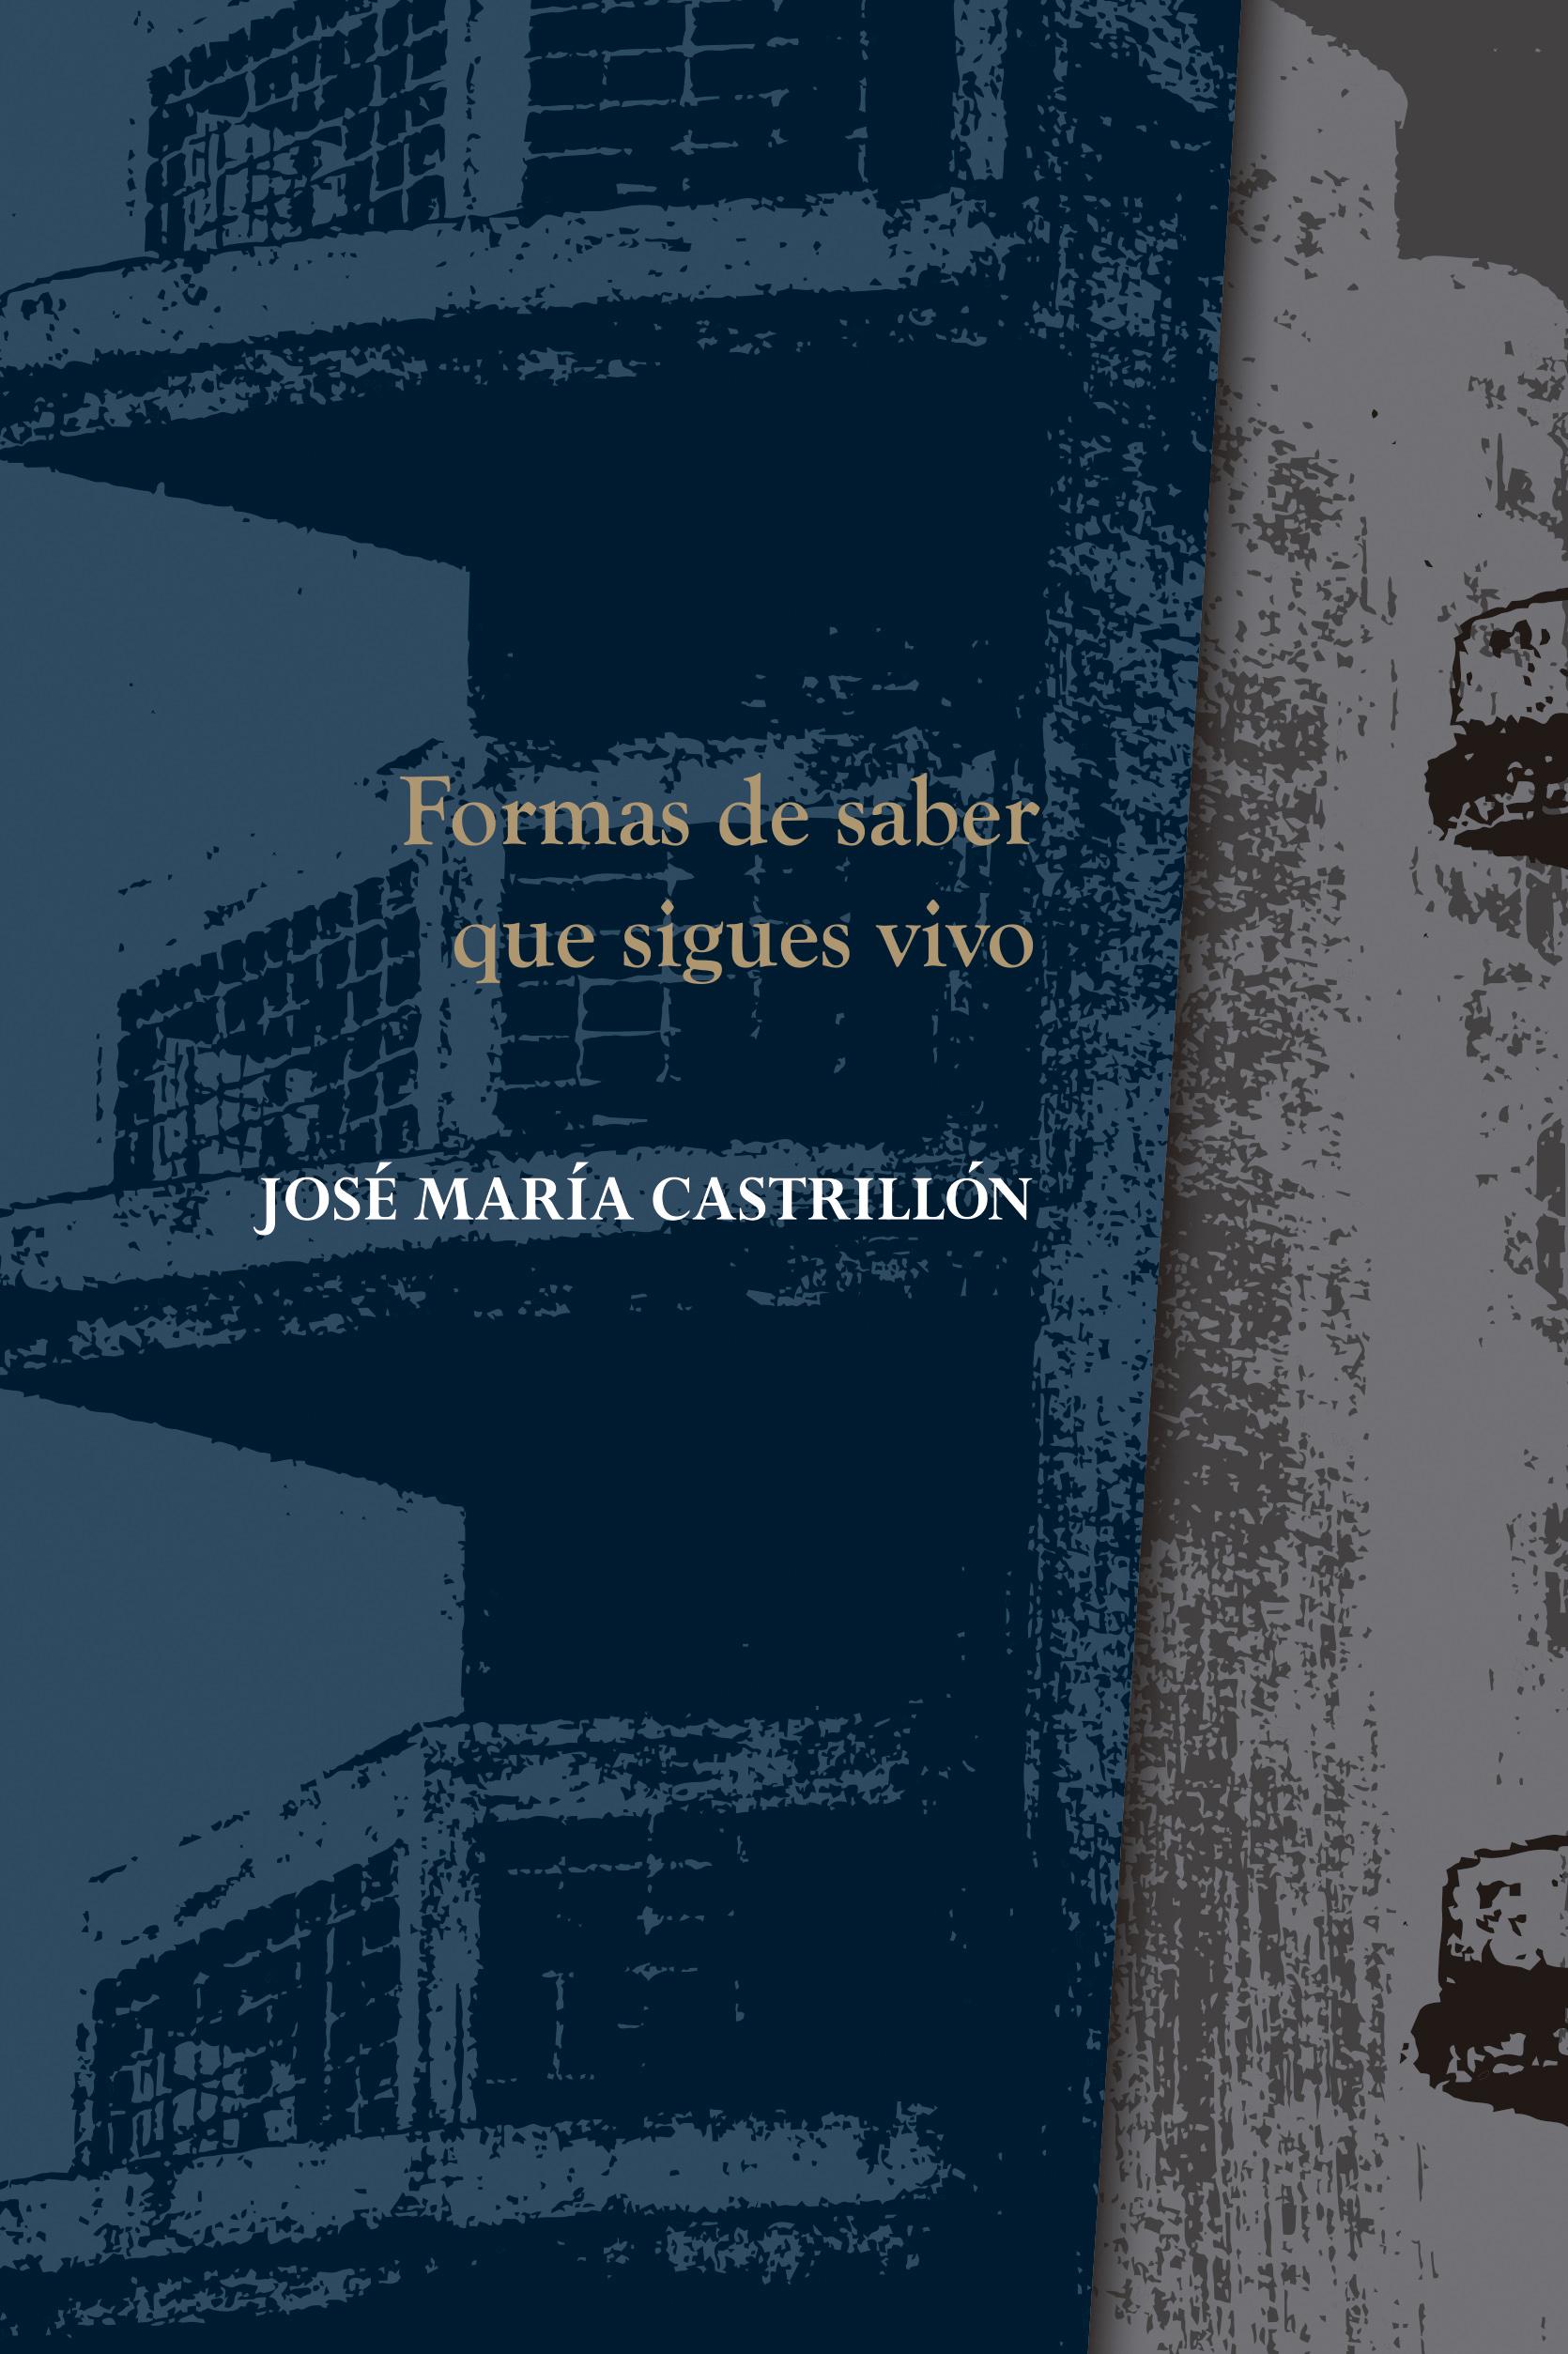 Formas de saber que sigues vivo - José María Castrillón | La Garúa Poesía